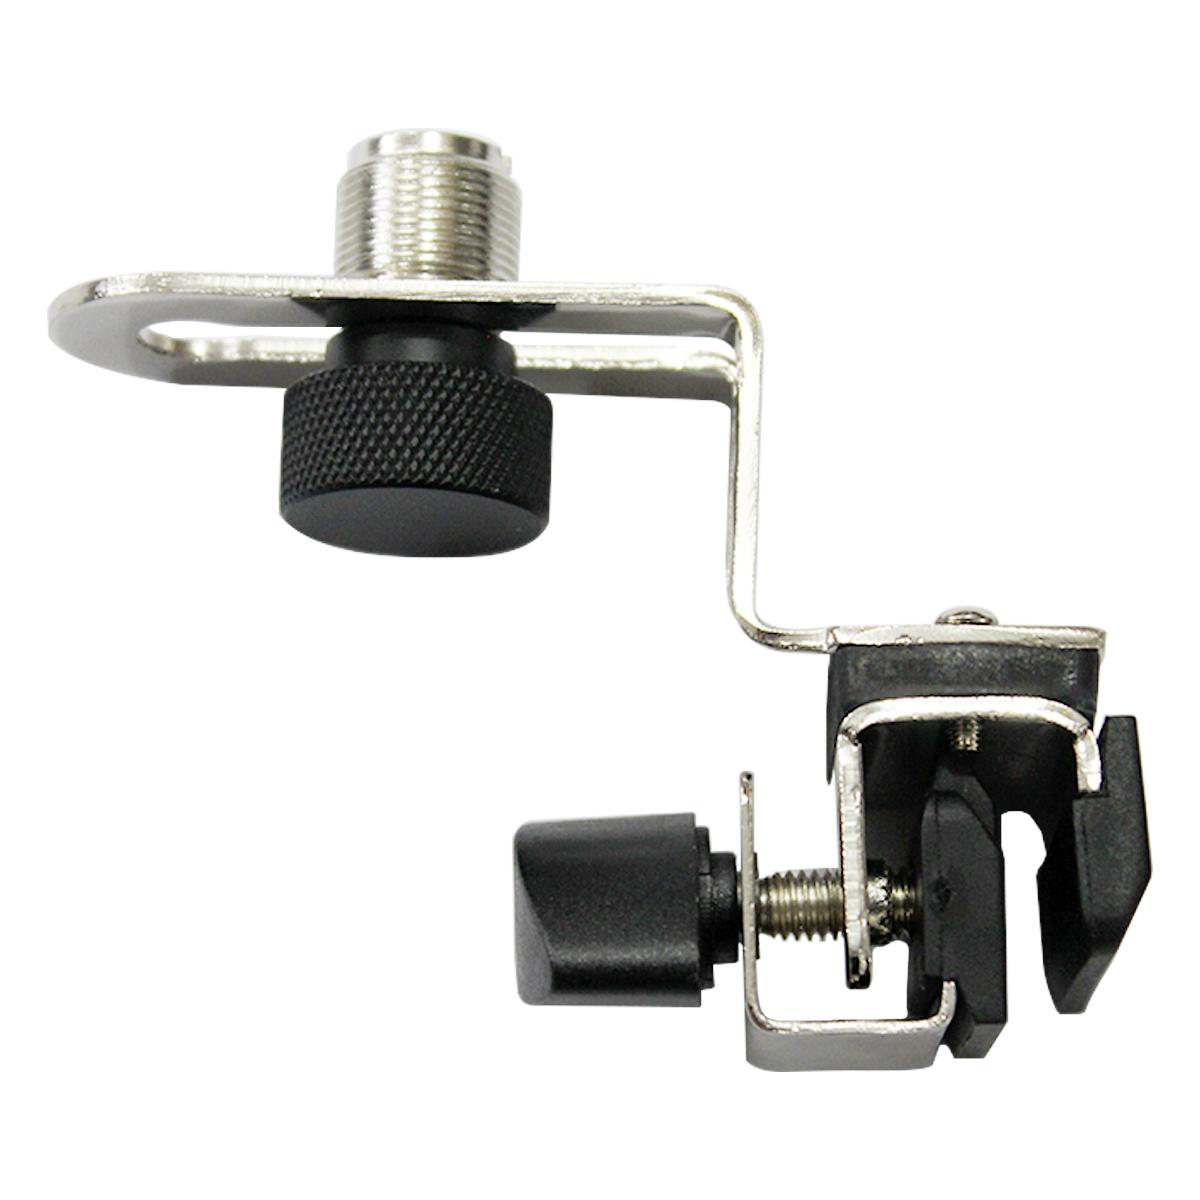 Clamp em metal para microfonar instrumento musical (4 peças) - SDH032 - CSR